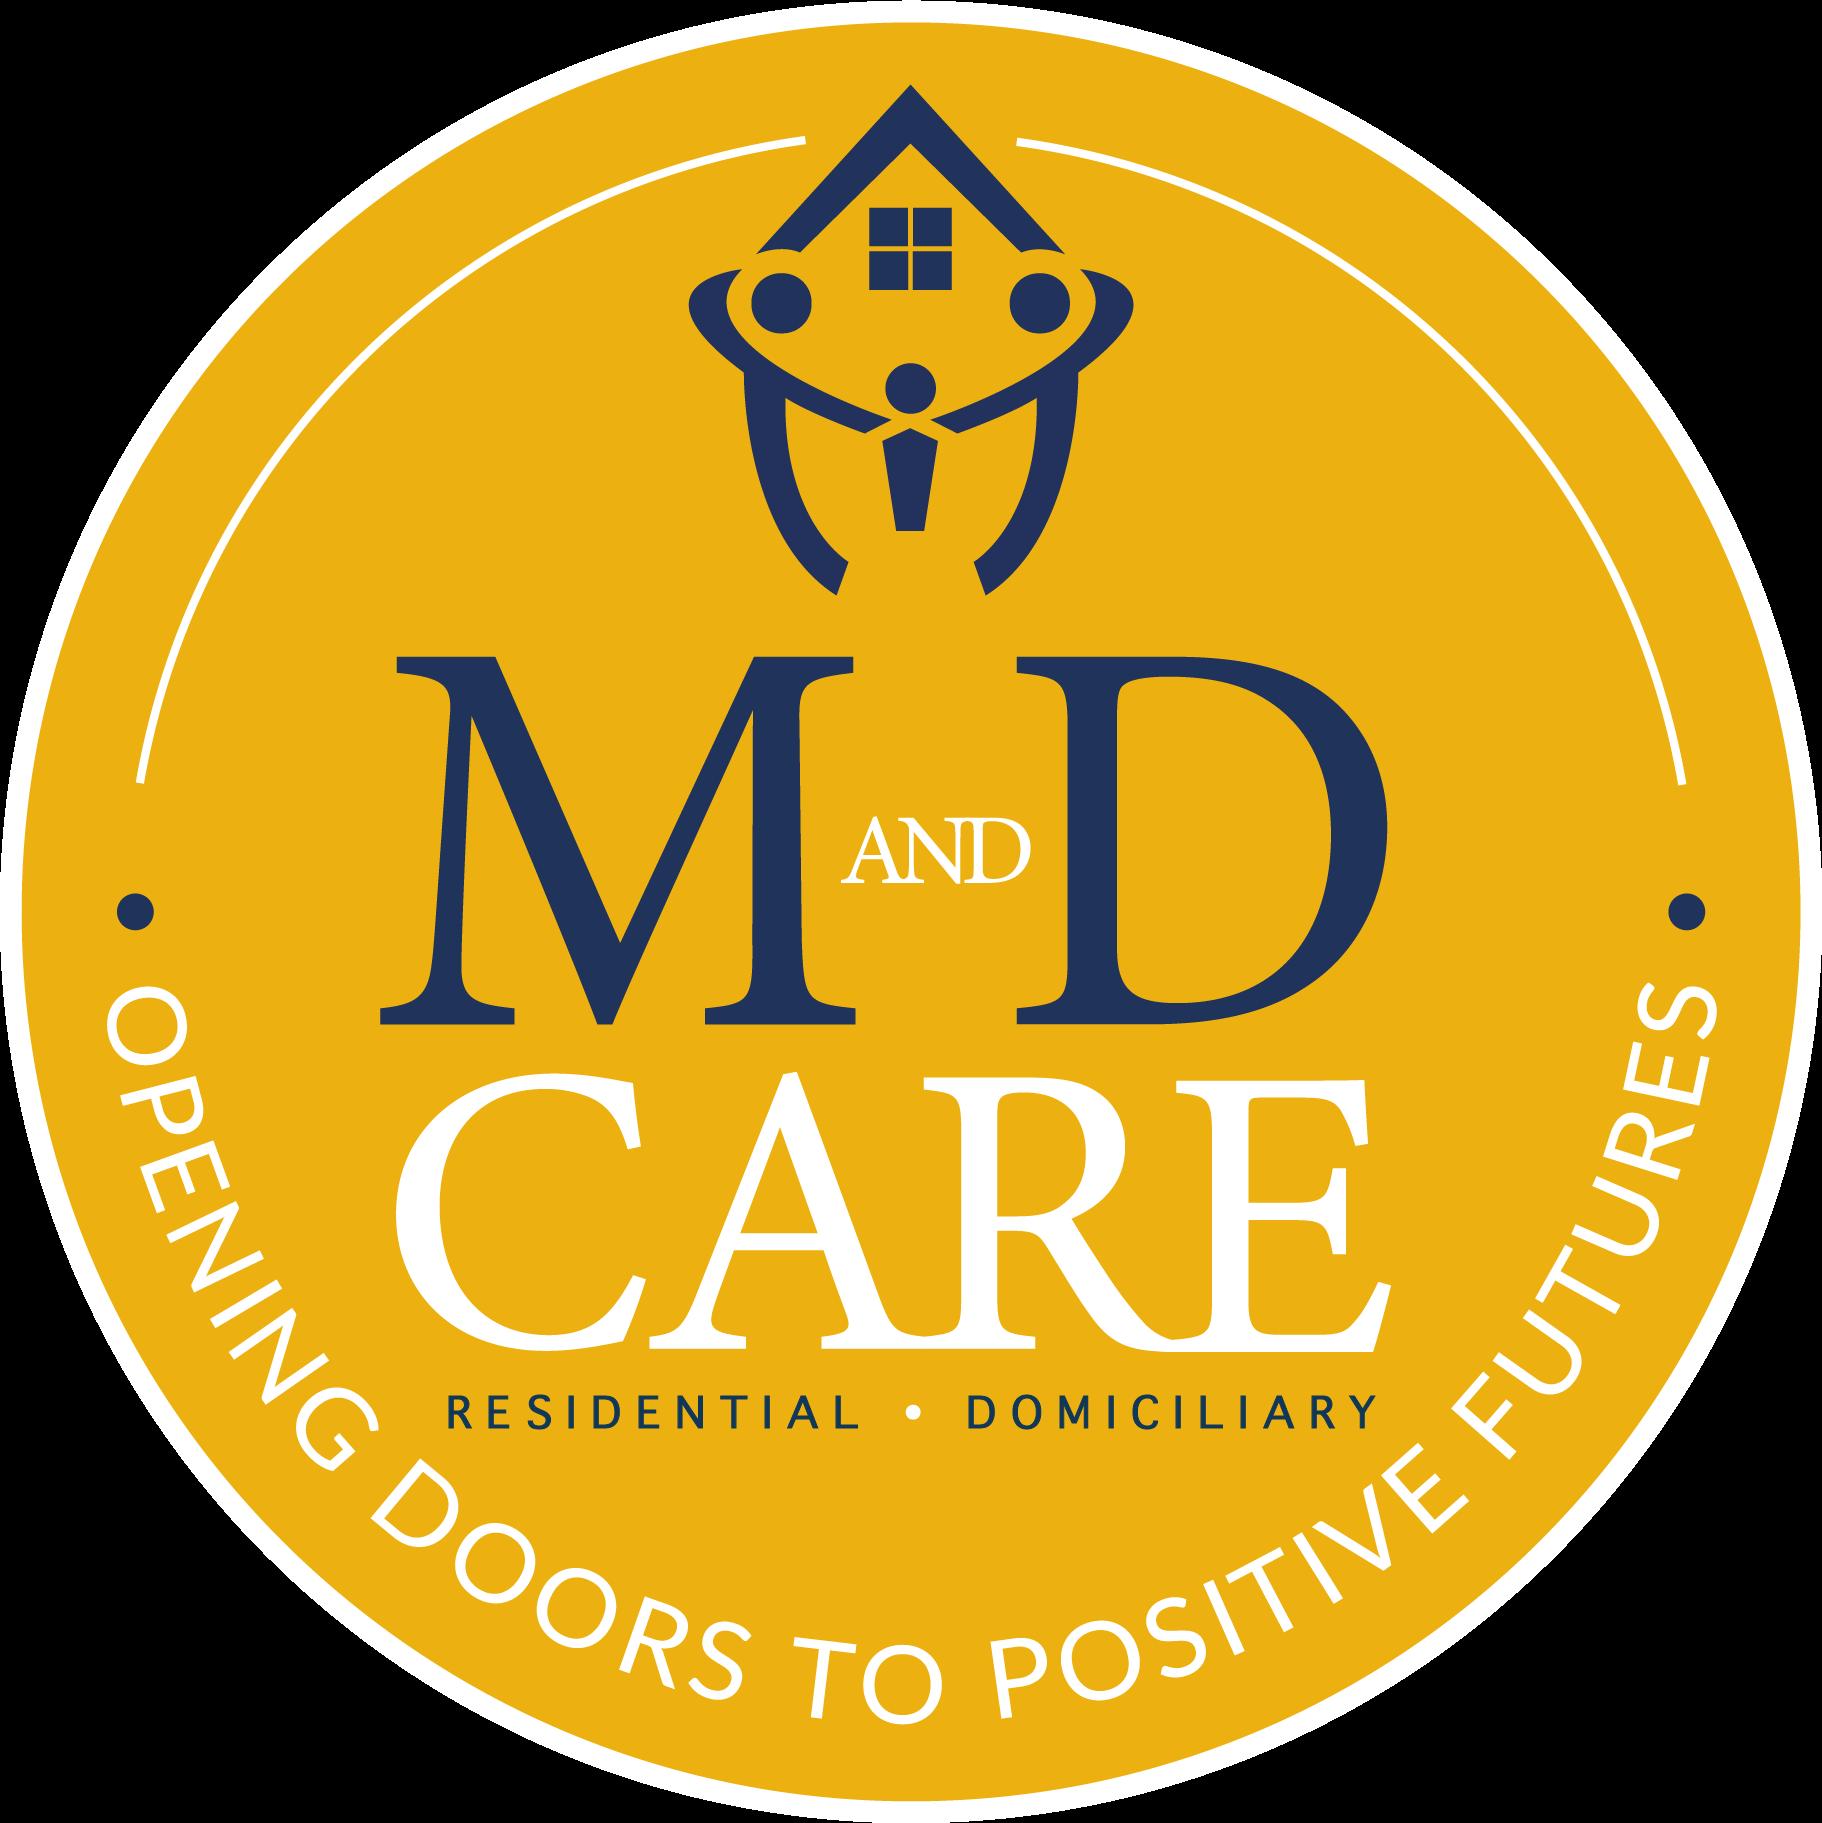 M&D Care